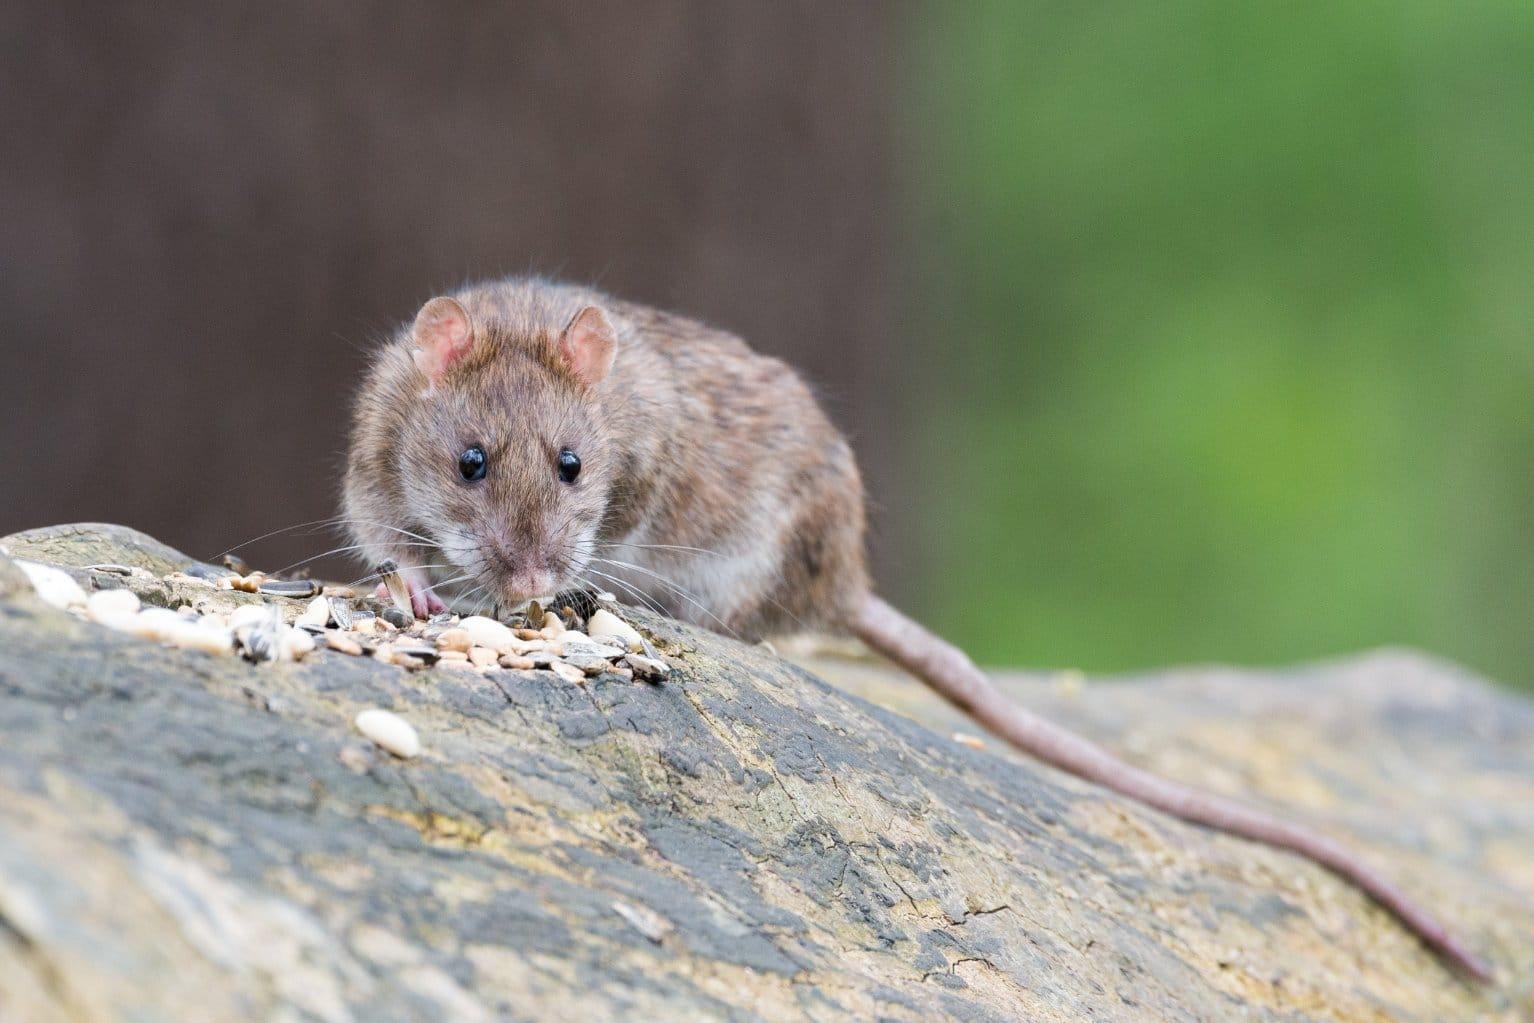 les signes de pr sence d un rat dans la maison blog decoration maison. Black Bedroom Furniture Sets. Home Design Ideas